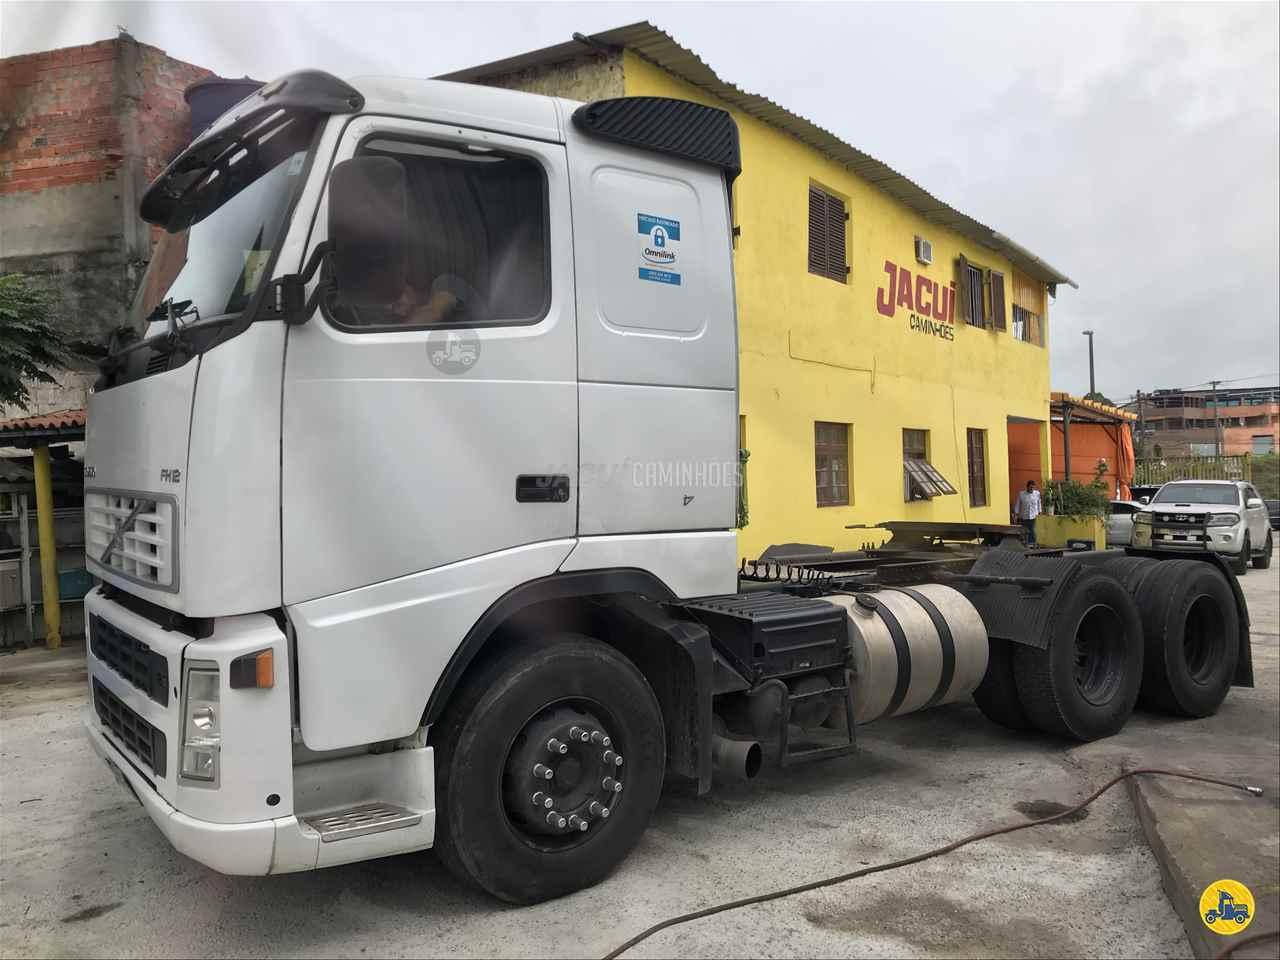 CAMINHAO VOLVO VOLVO FH 420 Cavalo Mecânico Truck 6x2 Jacuí Caminhões GUARULHOS SÃO PAULO SP